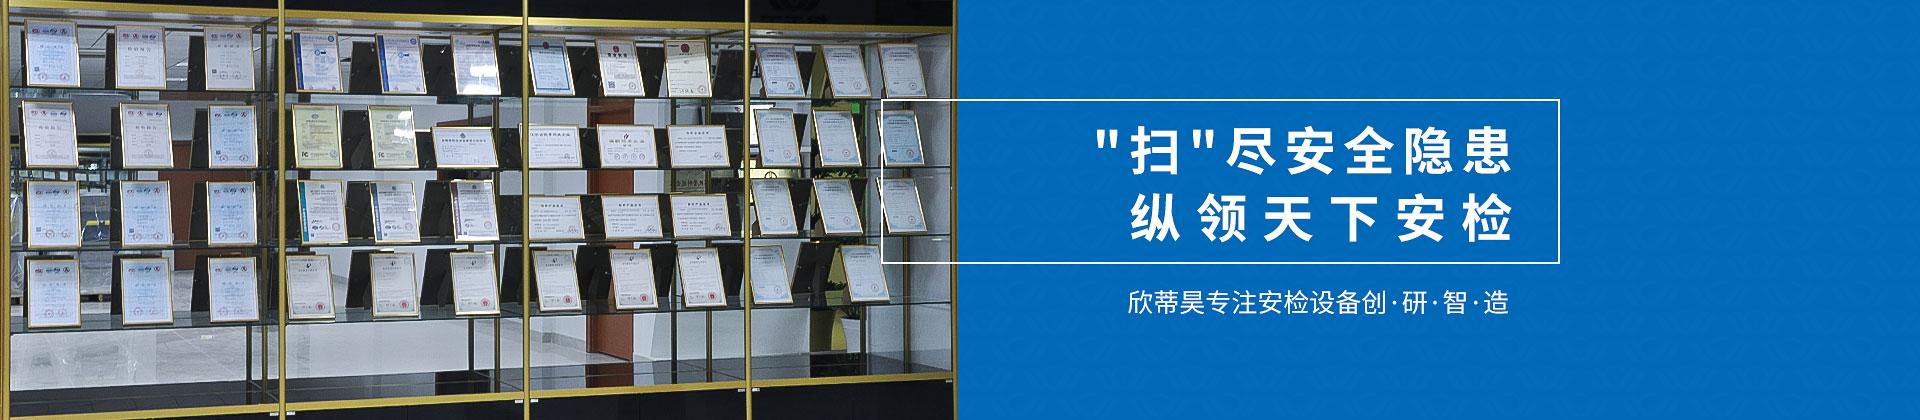 欣蒂昊专注安检设备创·研·智·造